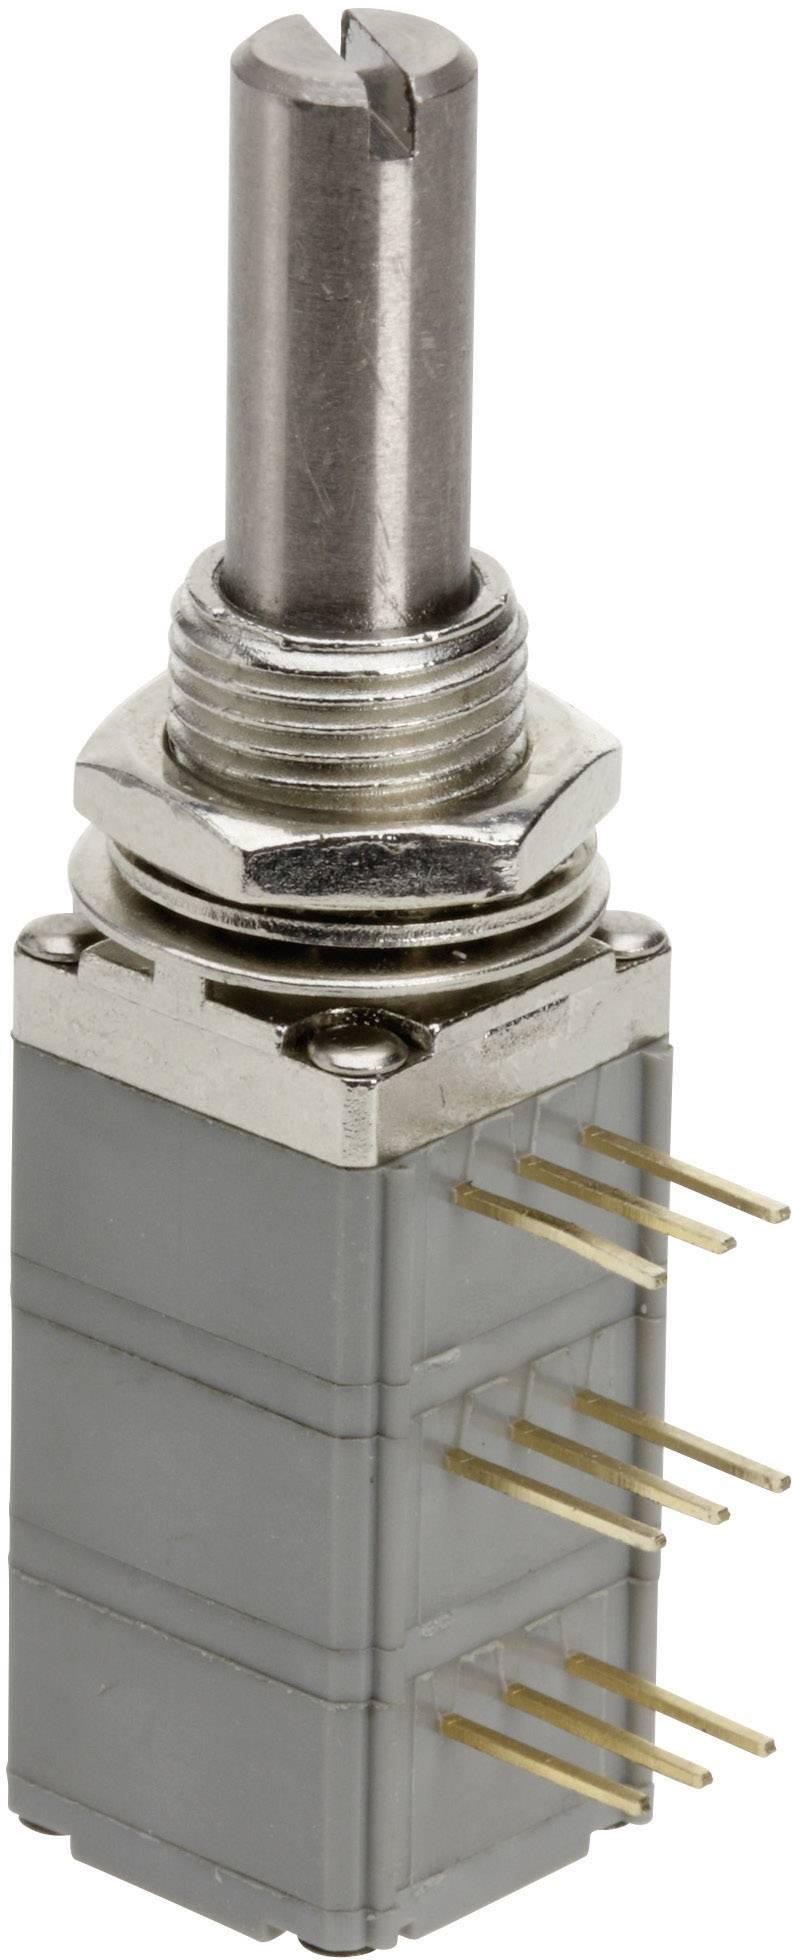 Presný potenciometer prachotesný, so spínačom, 2-cestný mono TT Electronics AB P260S-D2BS4A B-1 KR 4113911775, 1 kOhm, 1 ks